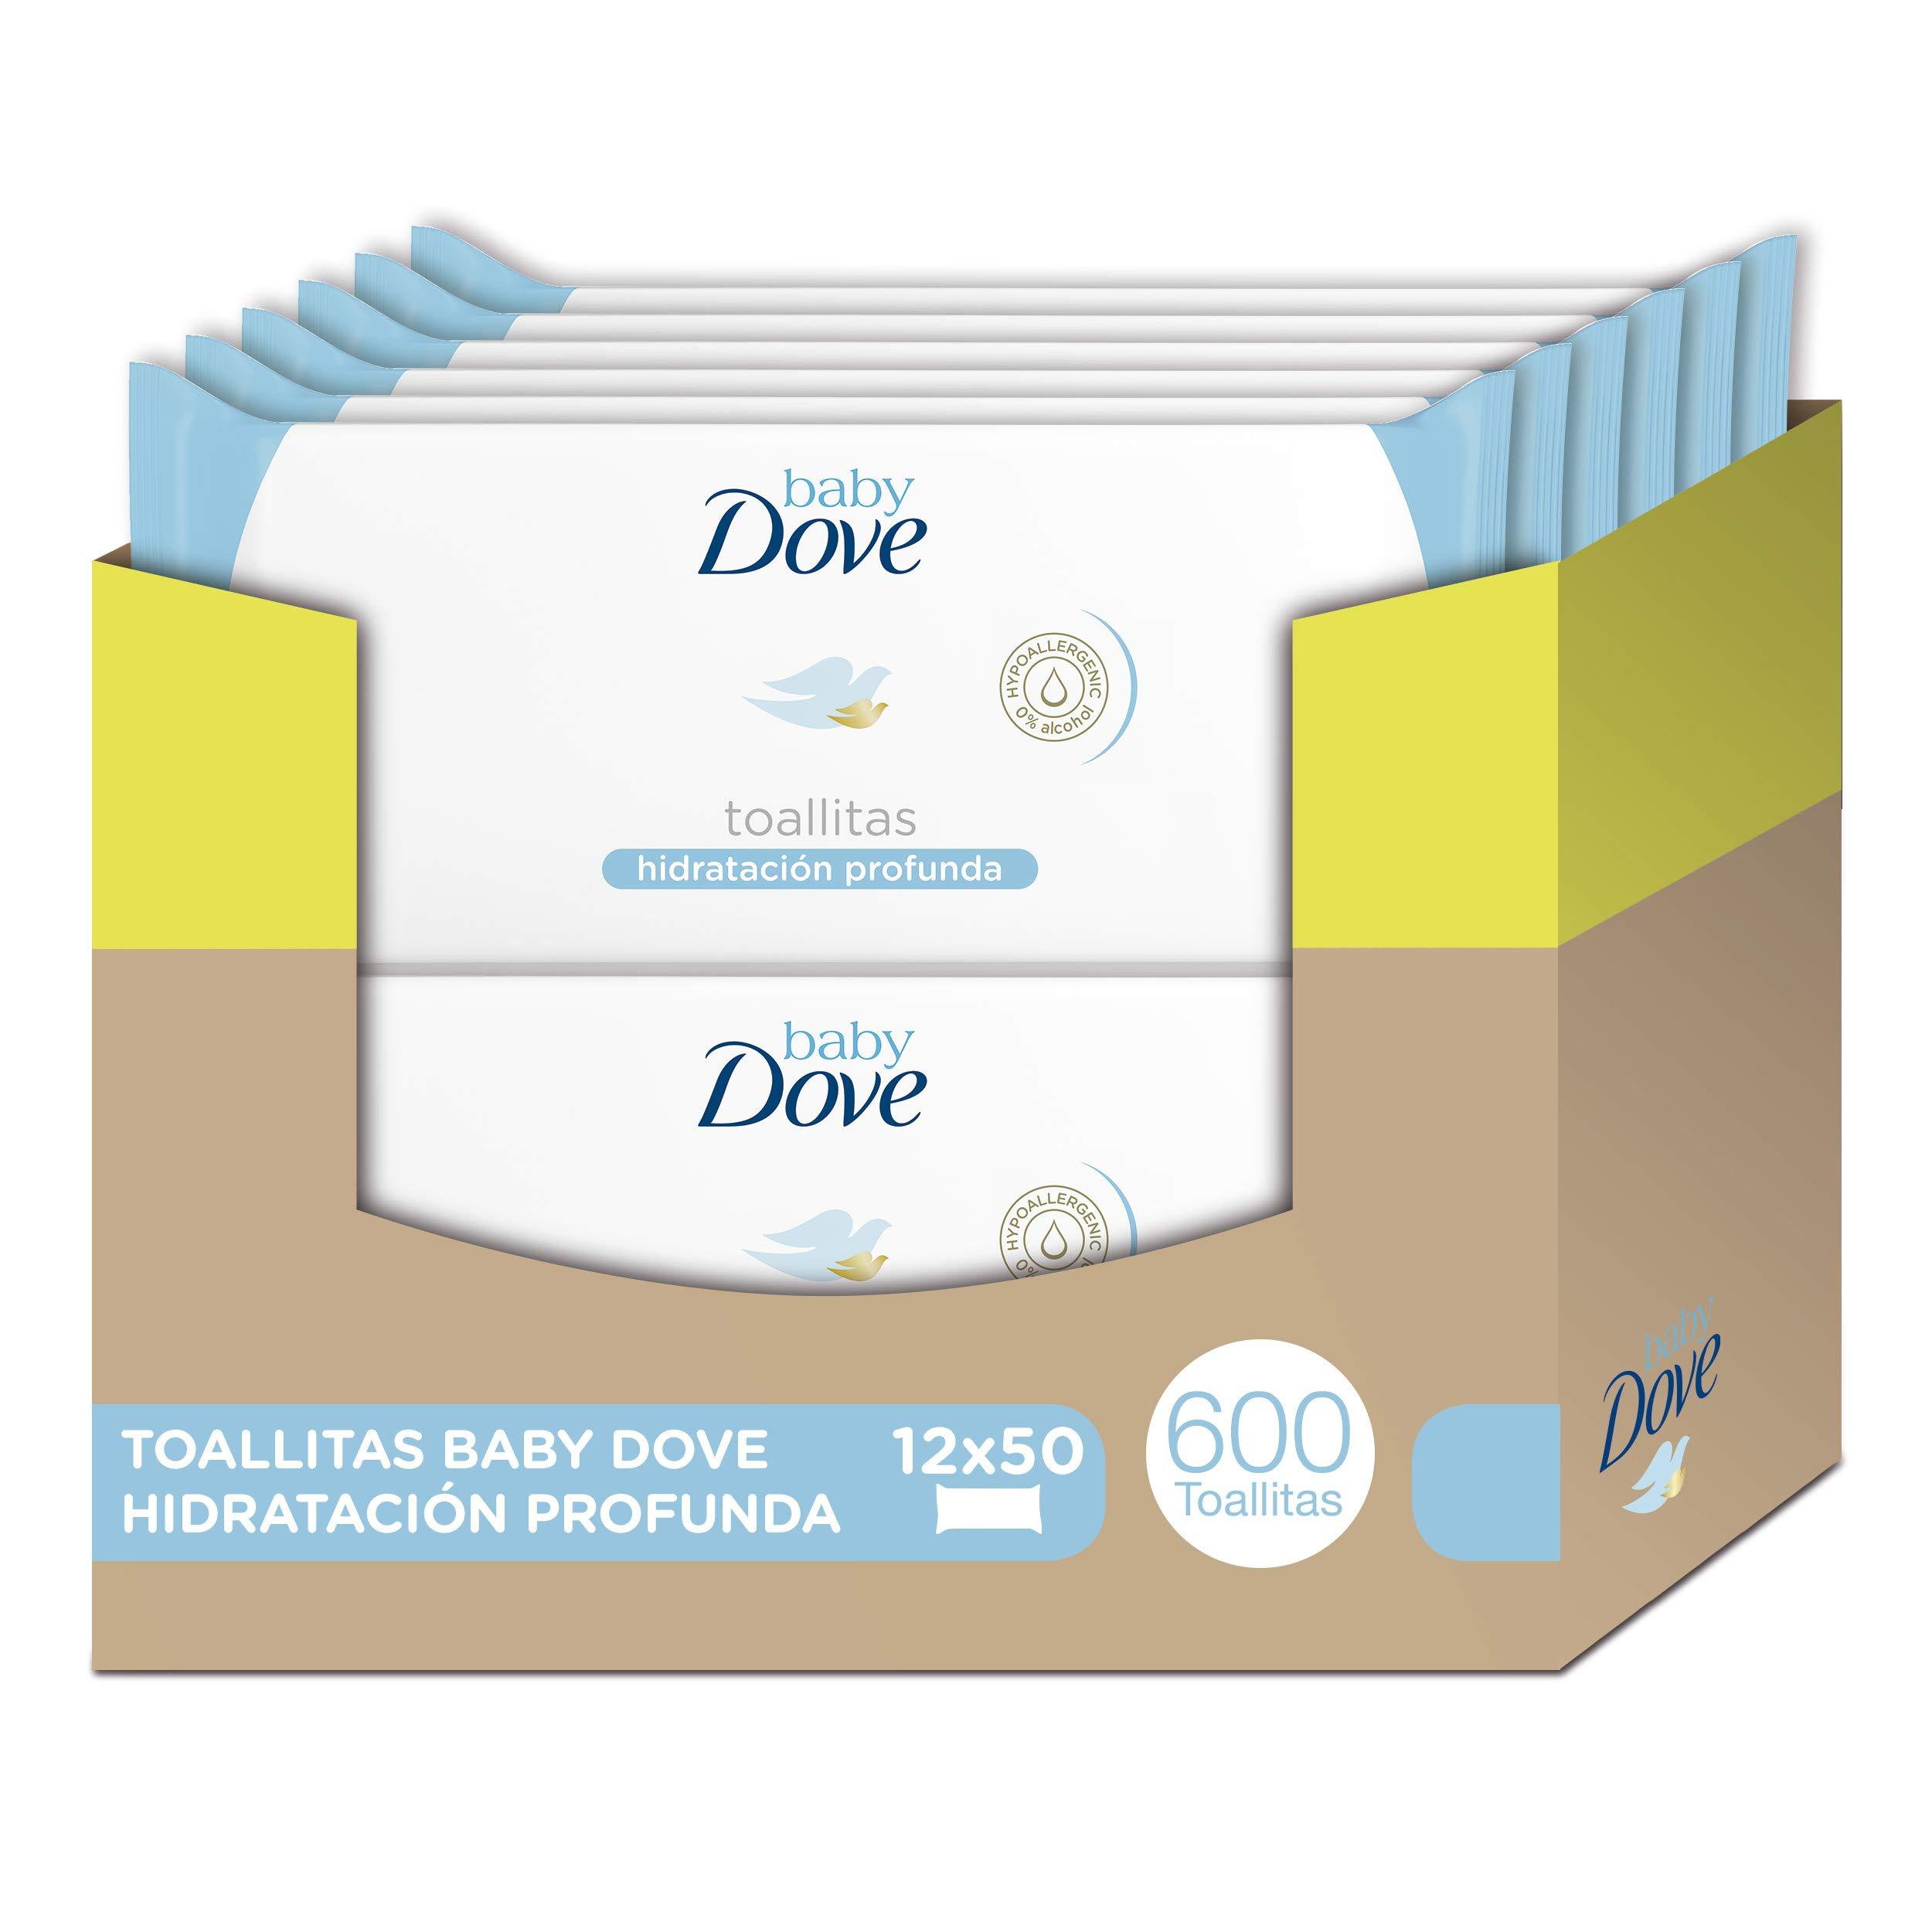 Toallitas húmedas Baby Dove hidratación profunda – Pack de 12 x 50: Total 600 toallitas